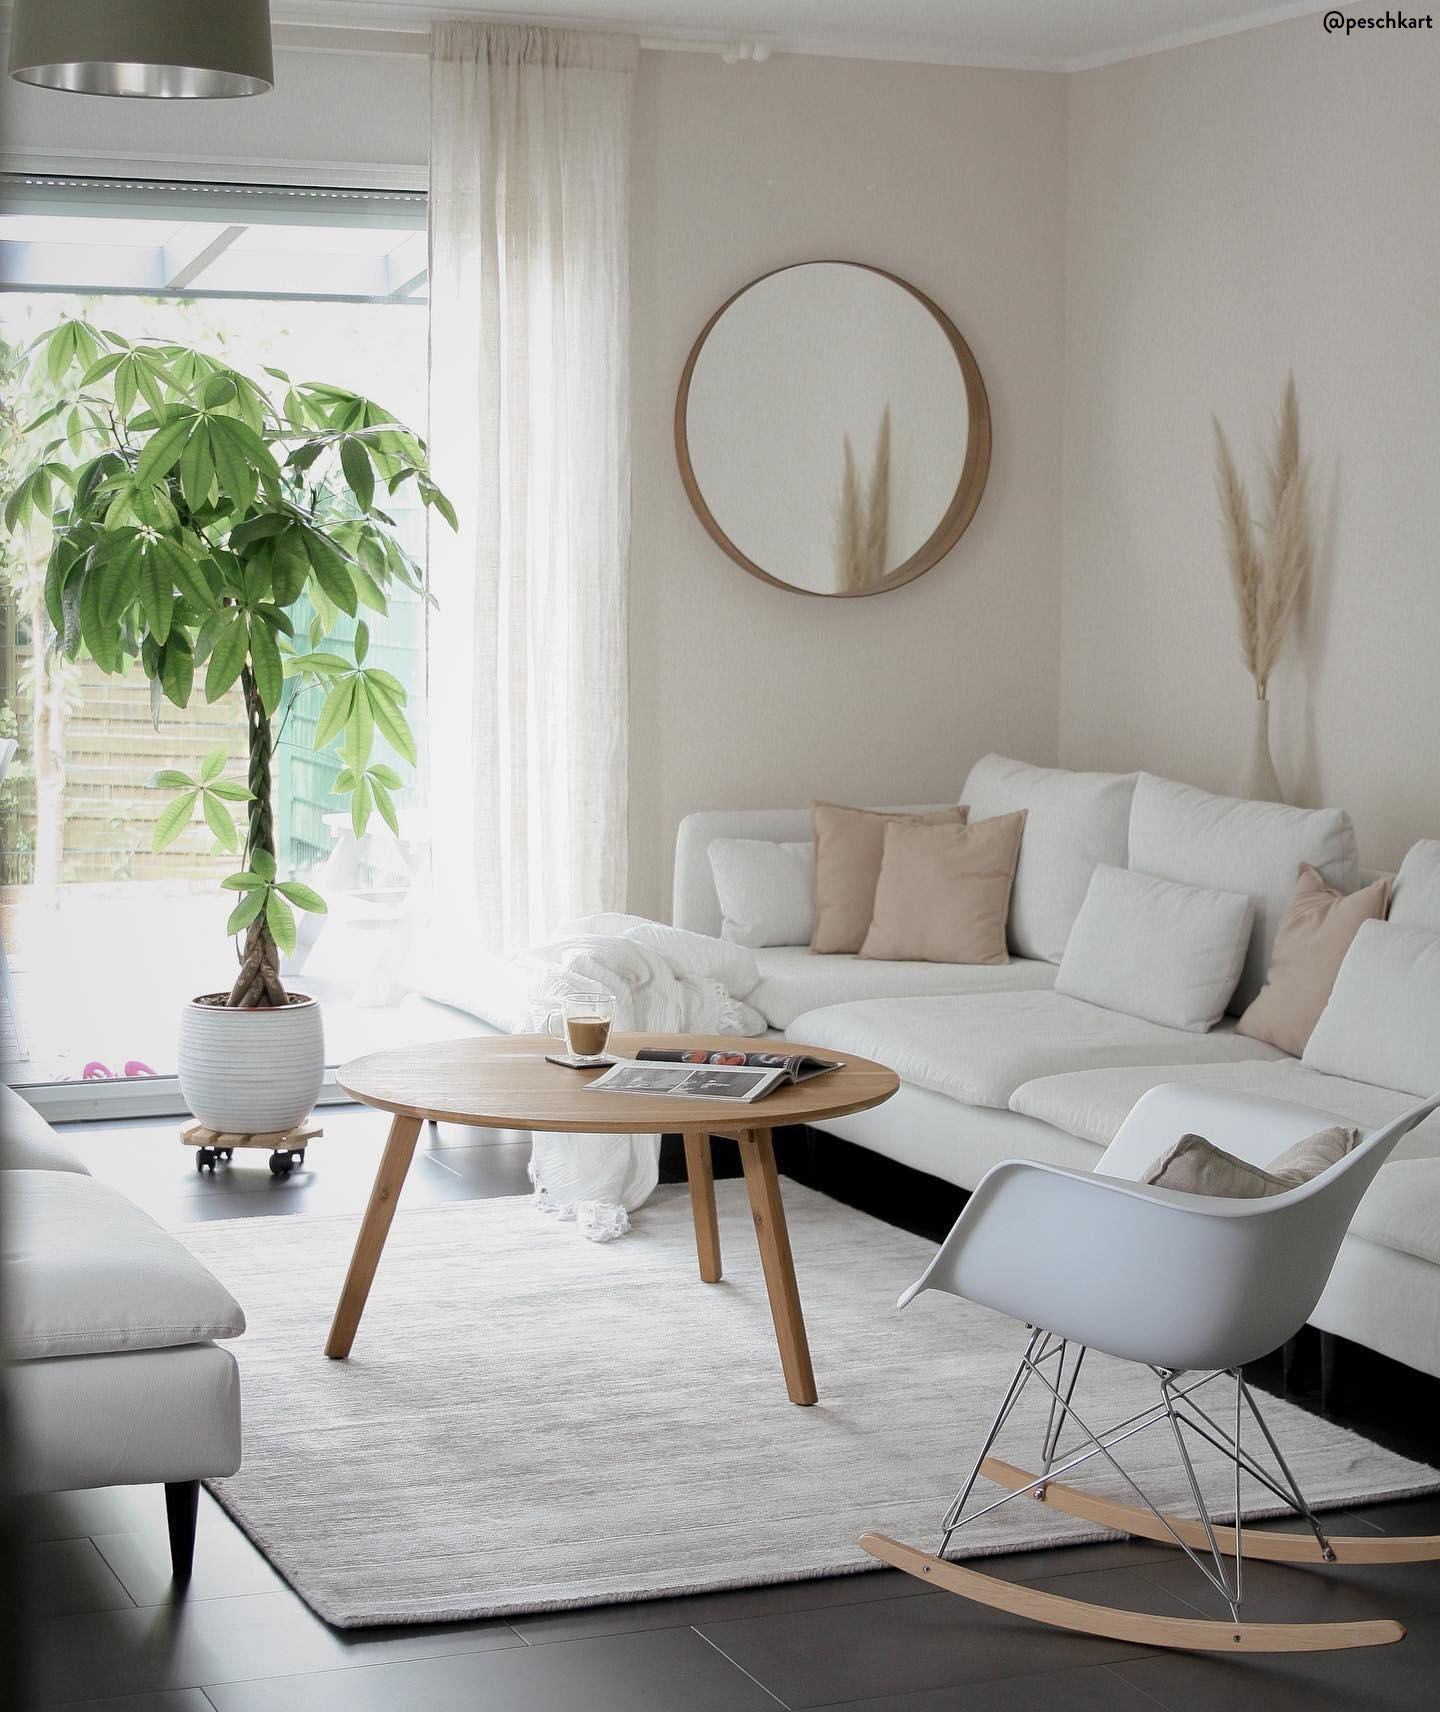 Jane Teppich Guide, #Guide #Jane #Teppich in 9  Wohnzimmer